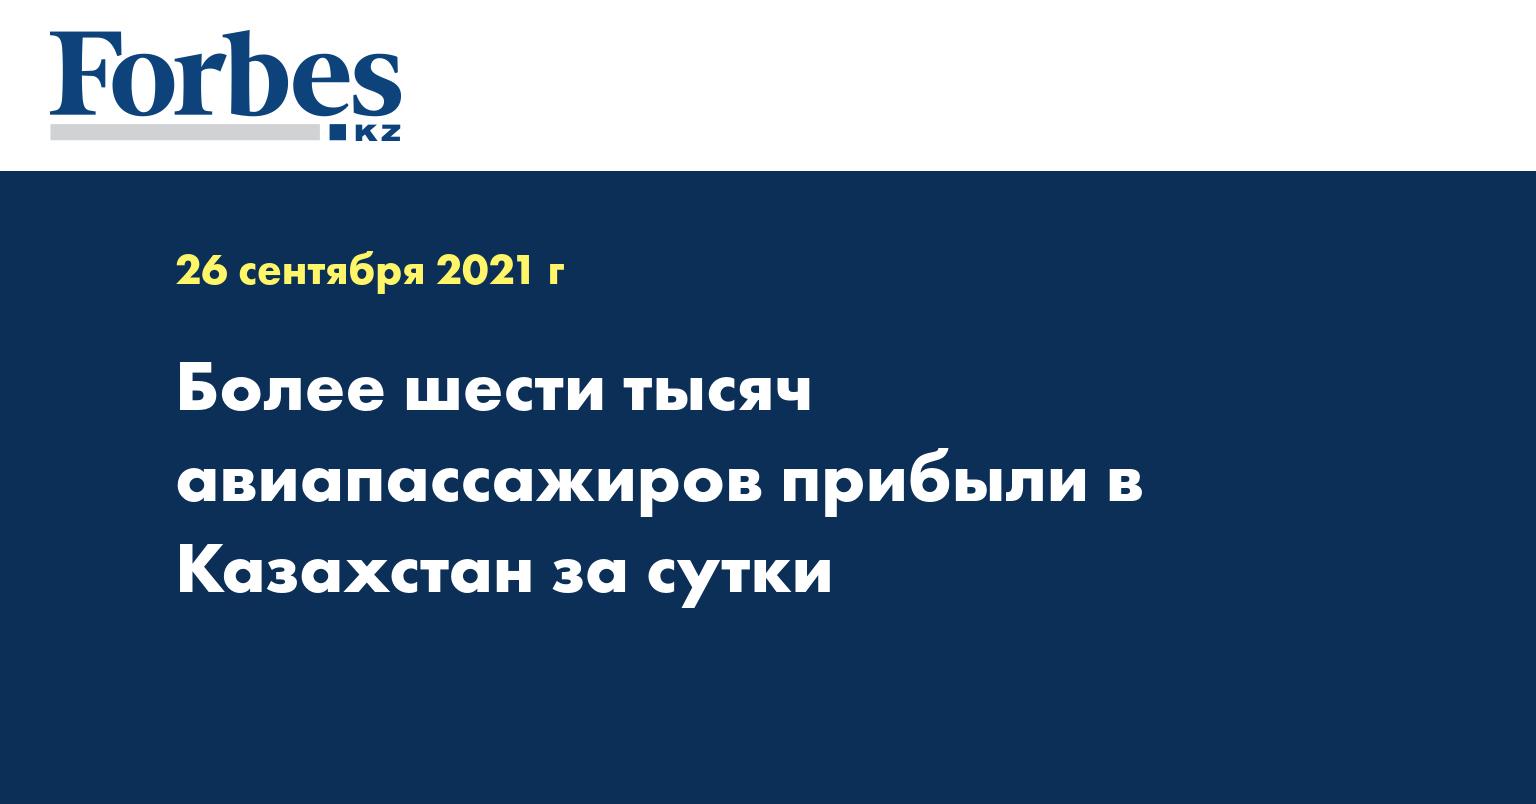 Более шести тысяч авиапассажиров прибыли в Казахстан за сутки